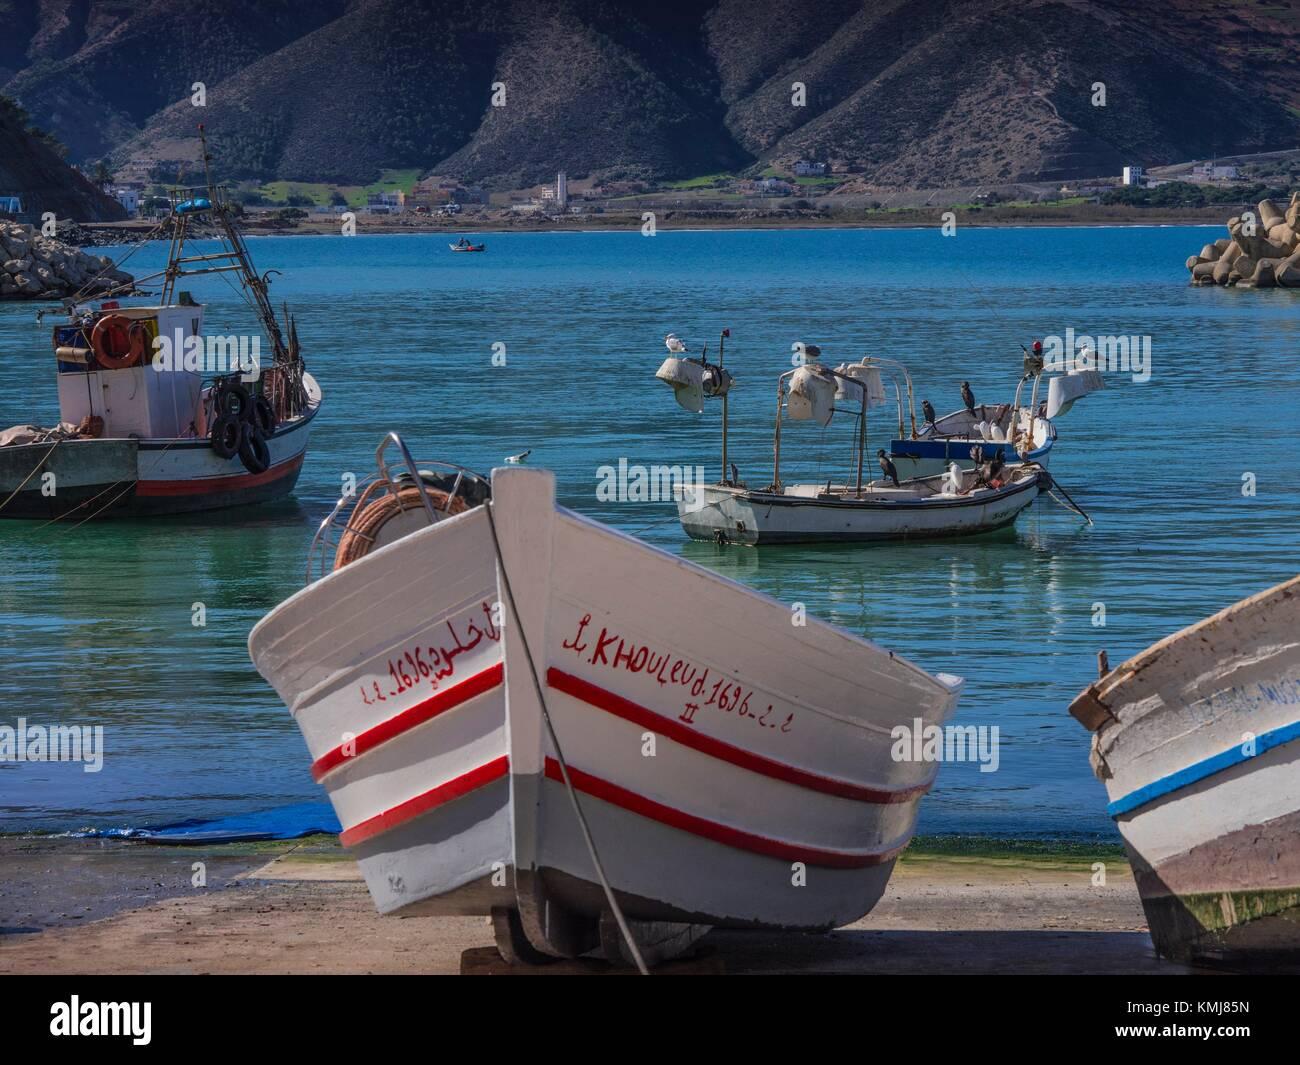 Le Maroc, à Millau, sur la côte nord de la Méditerranée. Photo Stock